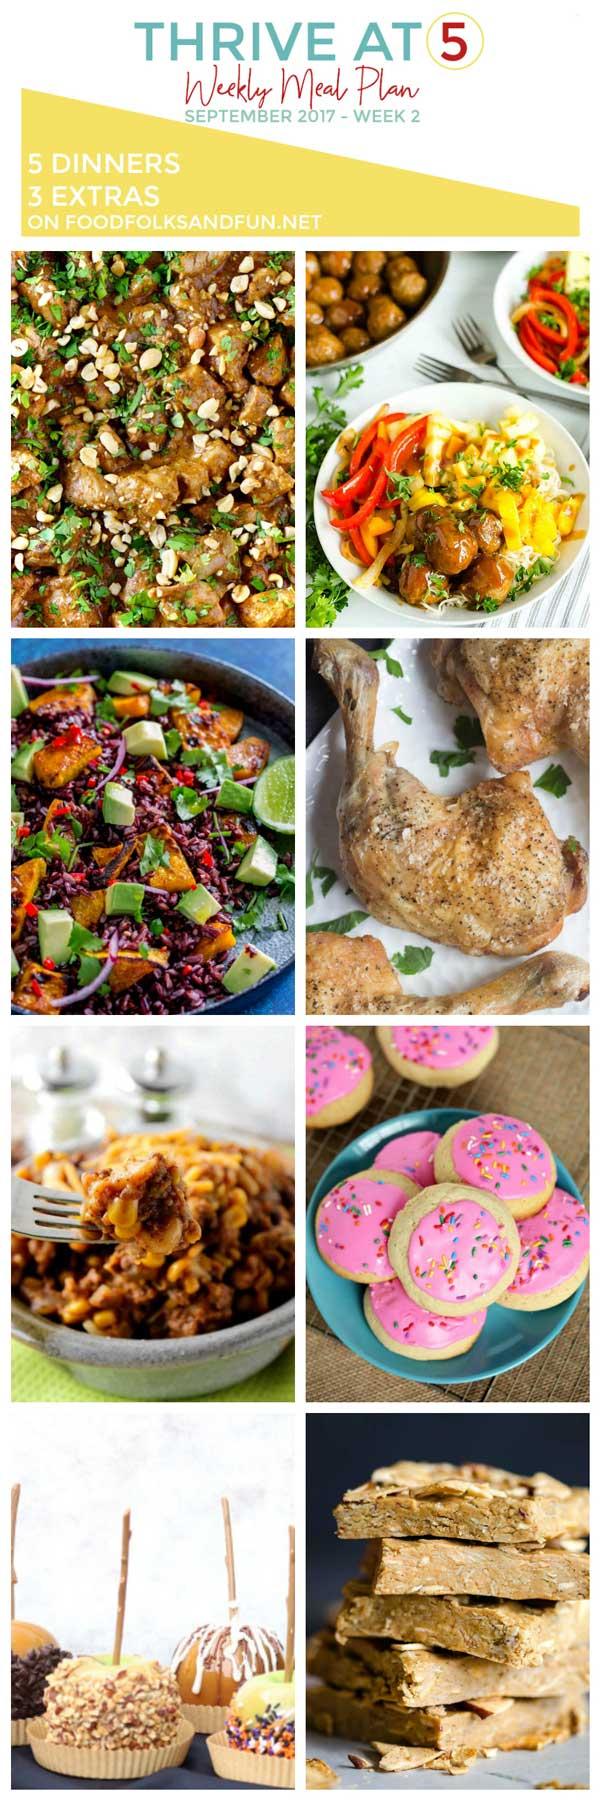 Weekly Meal Plan for September Week 2